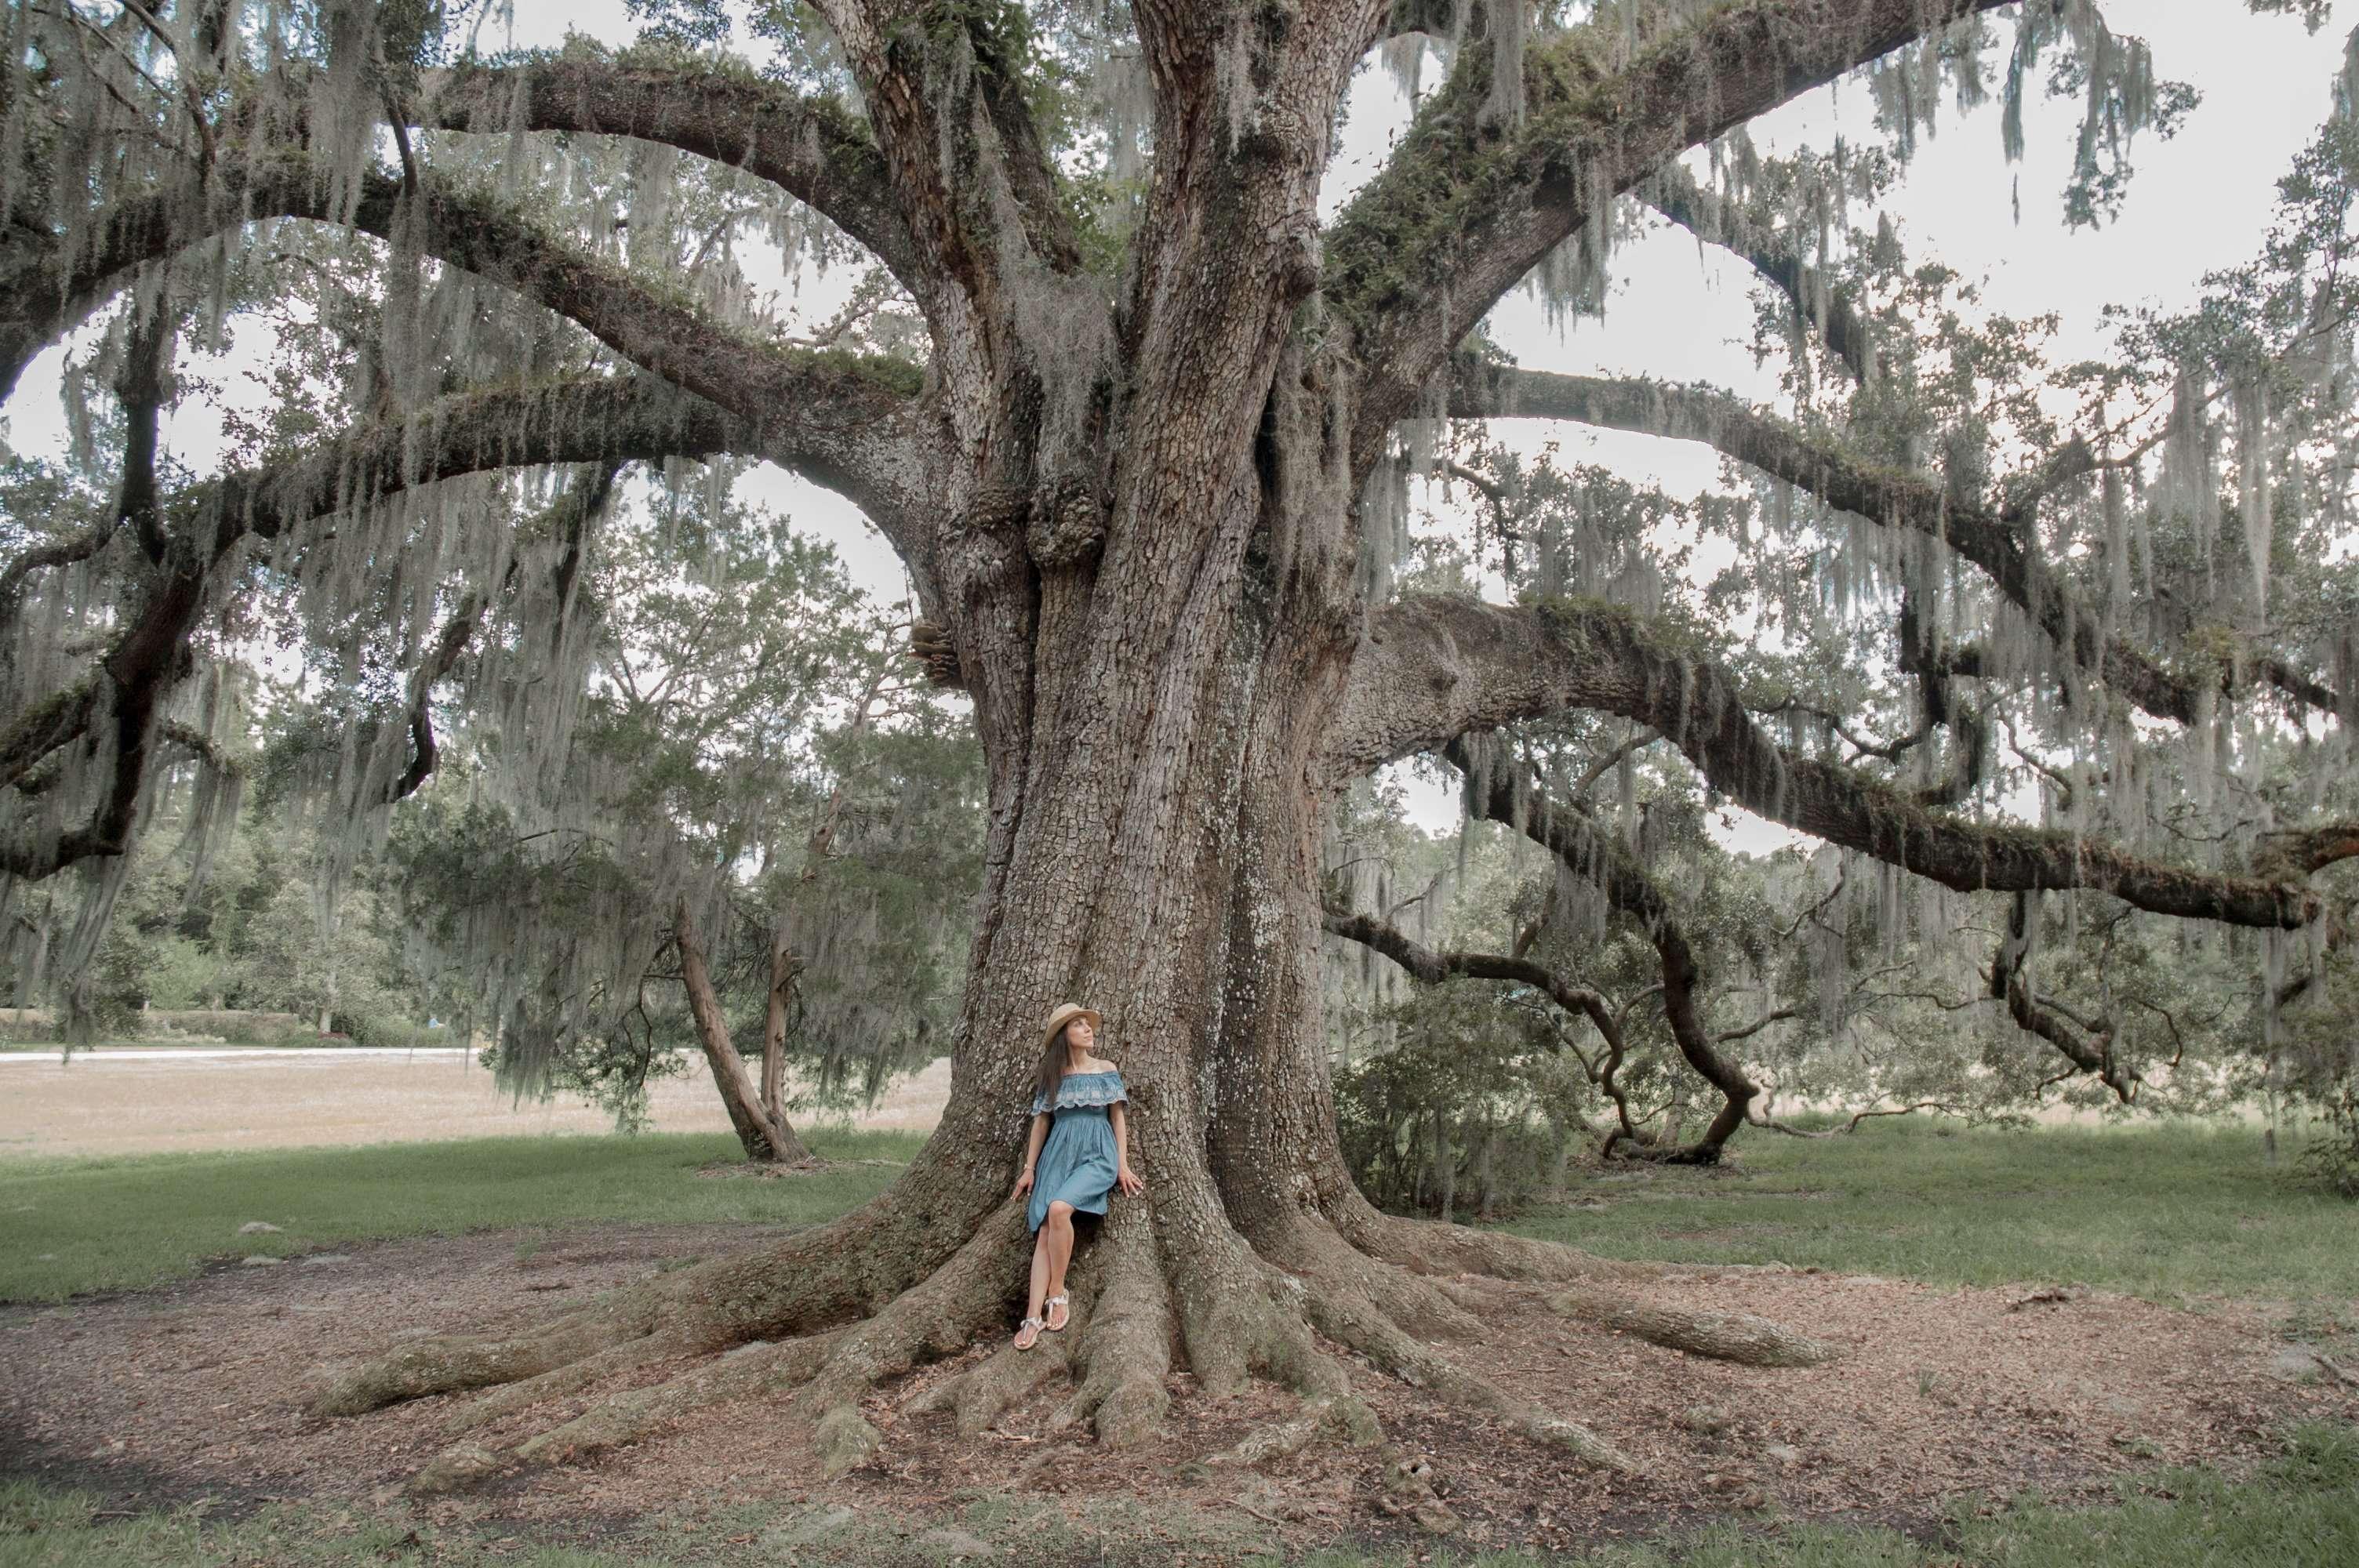 Giant Tree at Magnolia Plantation